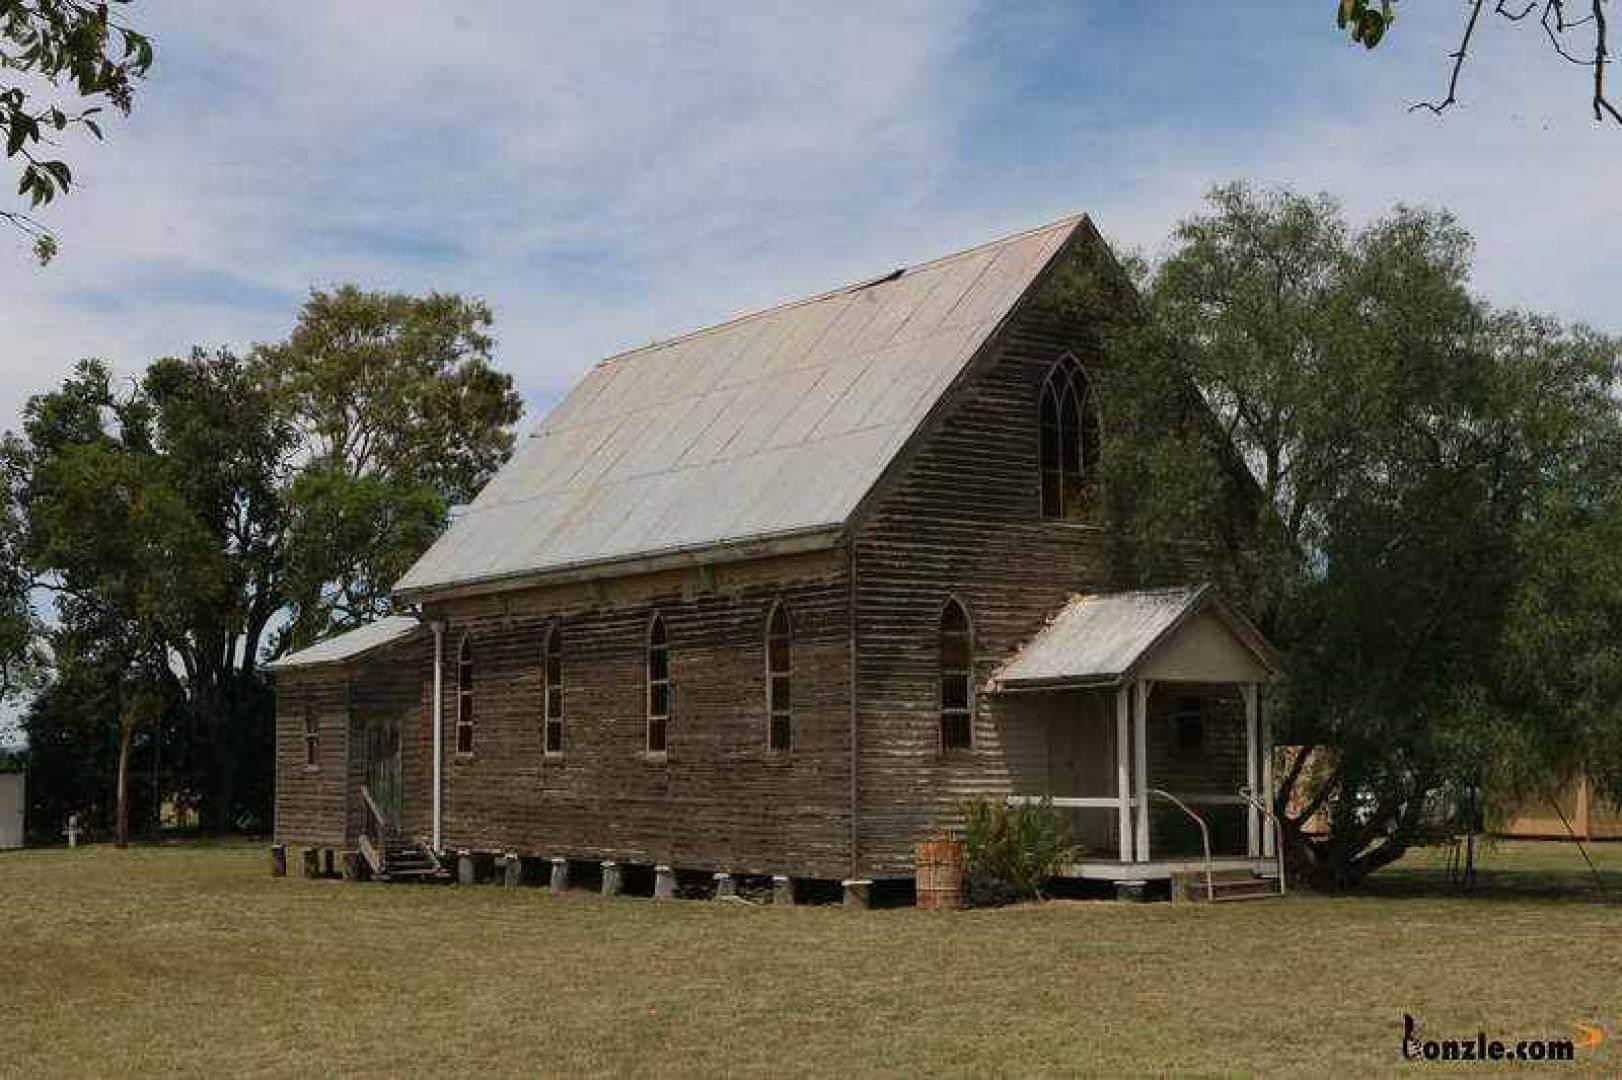 Catholic Church Back Plains - Former